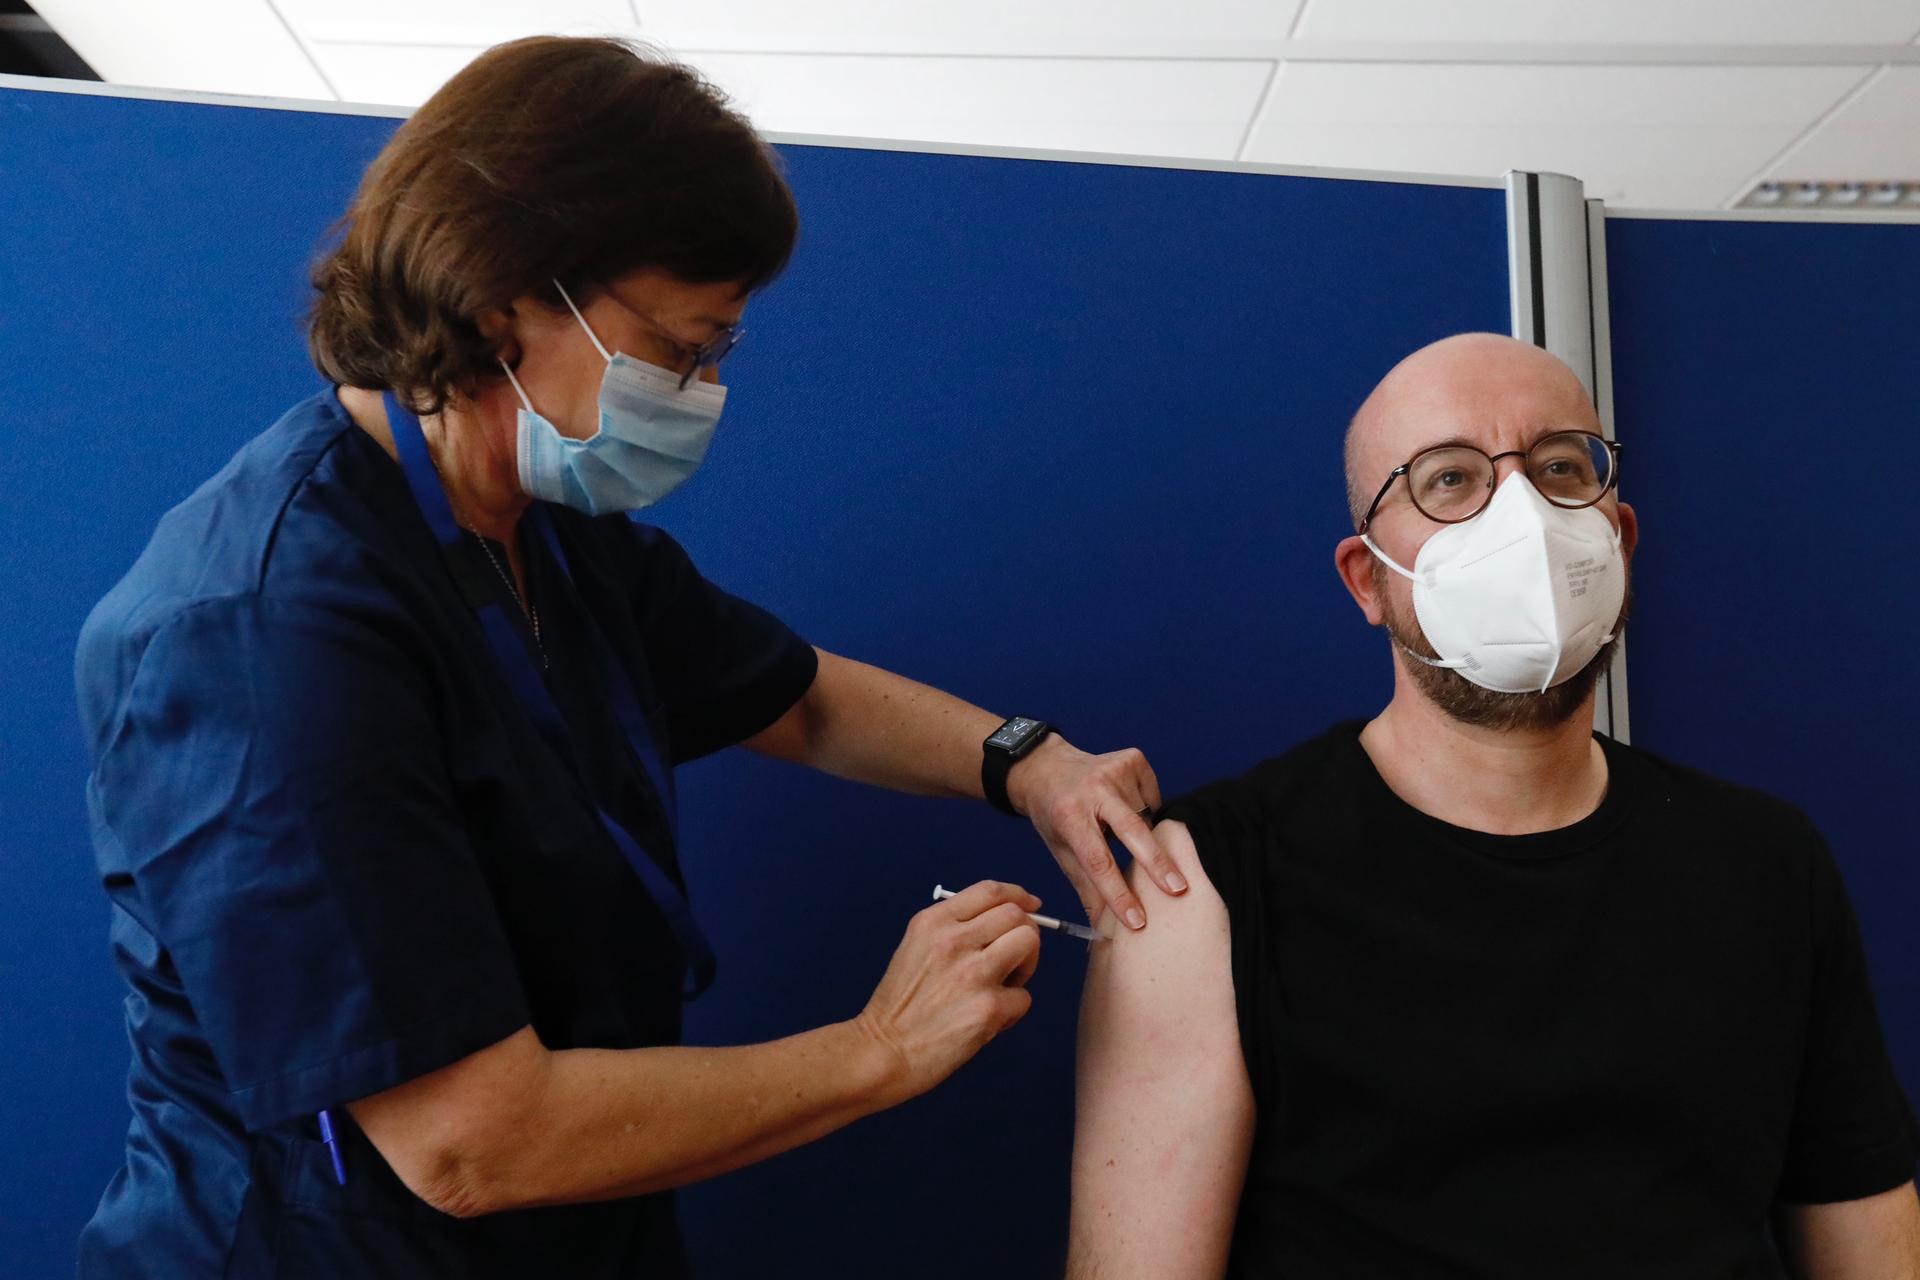 Εμβολιάστηκε ο Σαρλ Μισέλ